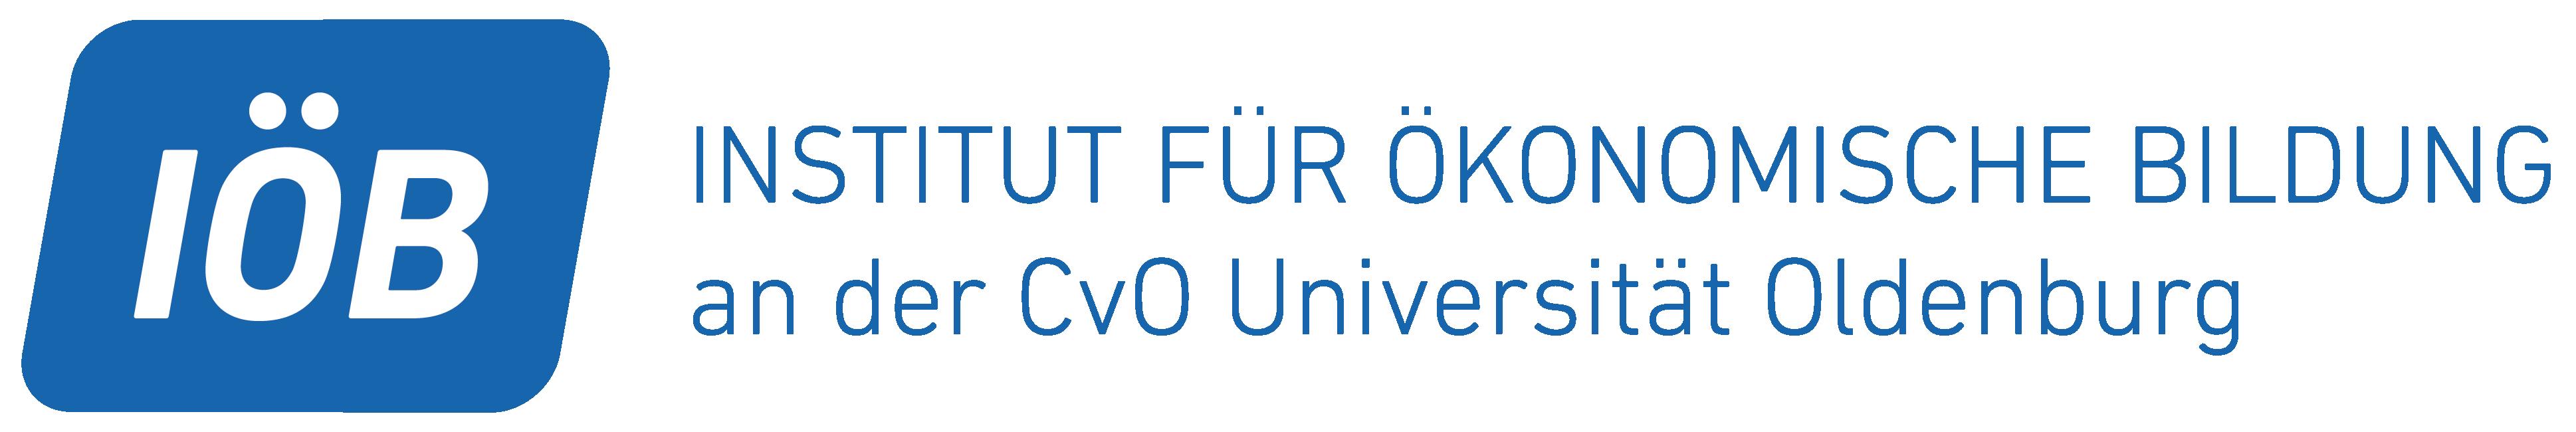 Bereichsleiter Empirische Forschung (m/w/d) - Institut für Ökonomische Bildung gGmbH - Logo